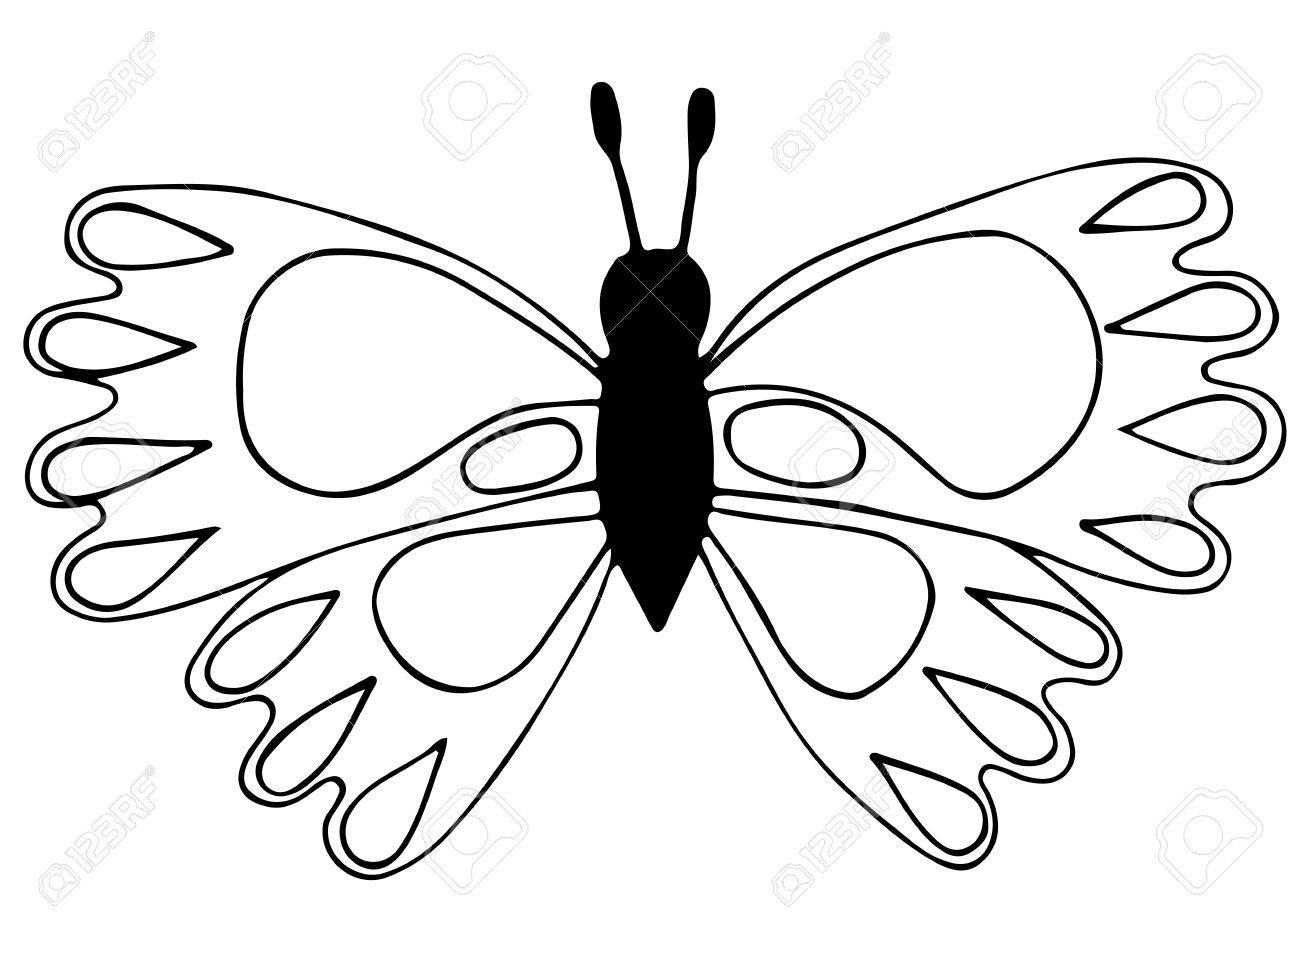 Nett Schmetterling Und Libelle Malvorlagen Zeitgenössisch - Beispiel ...